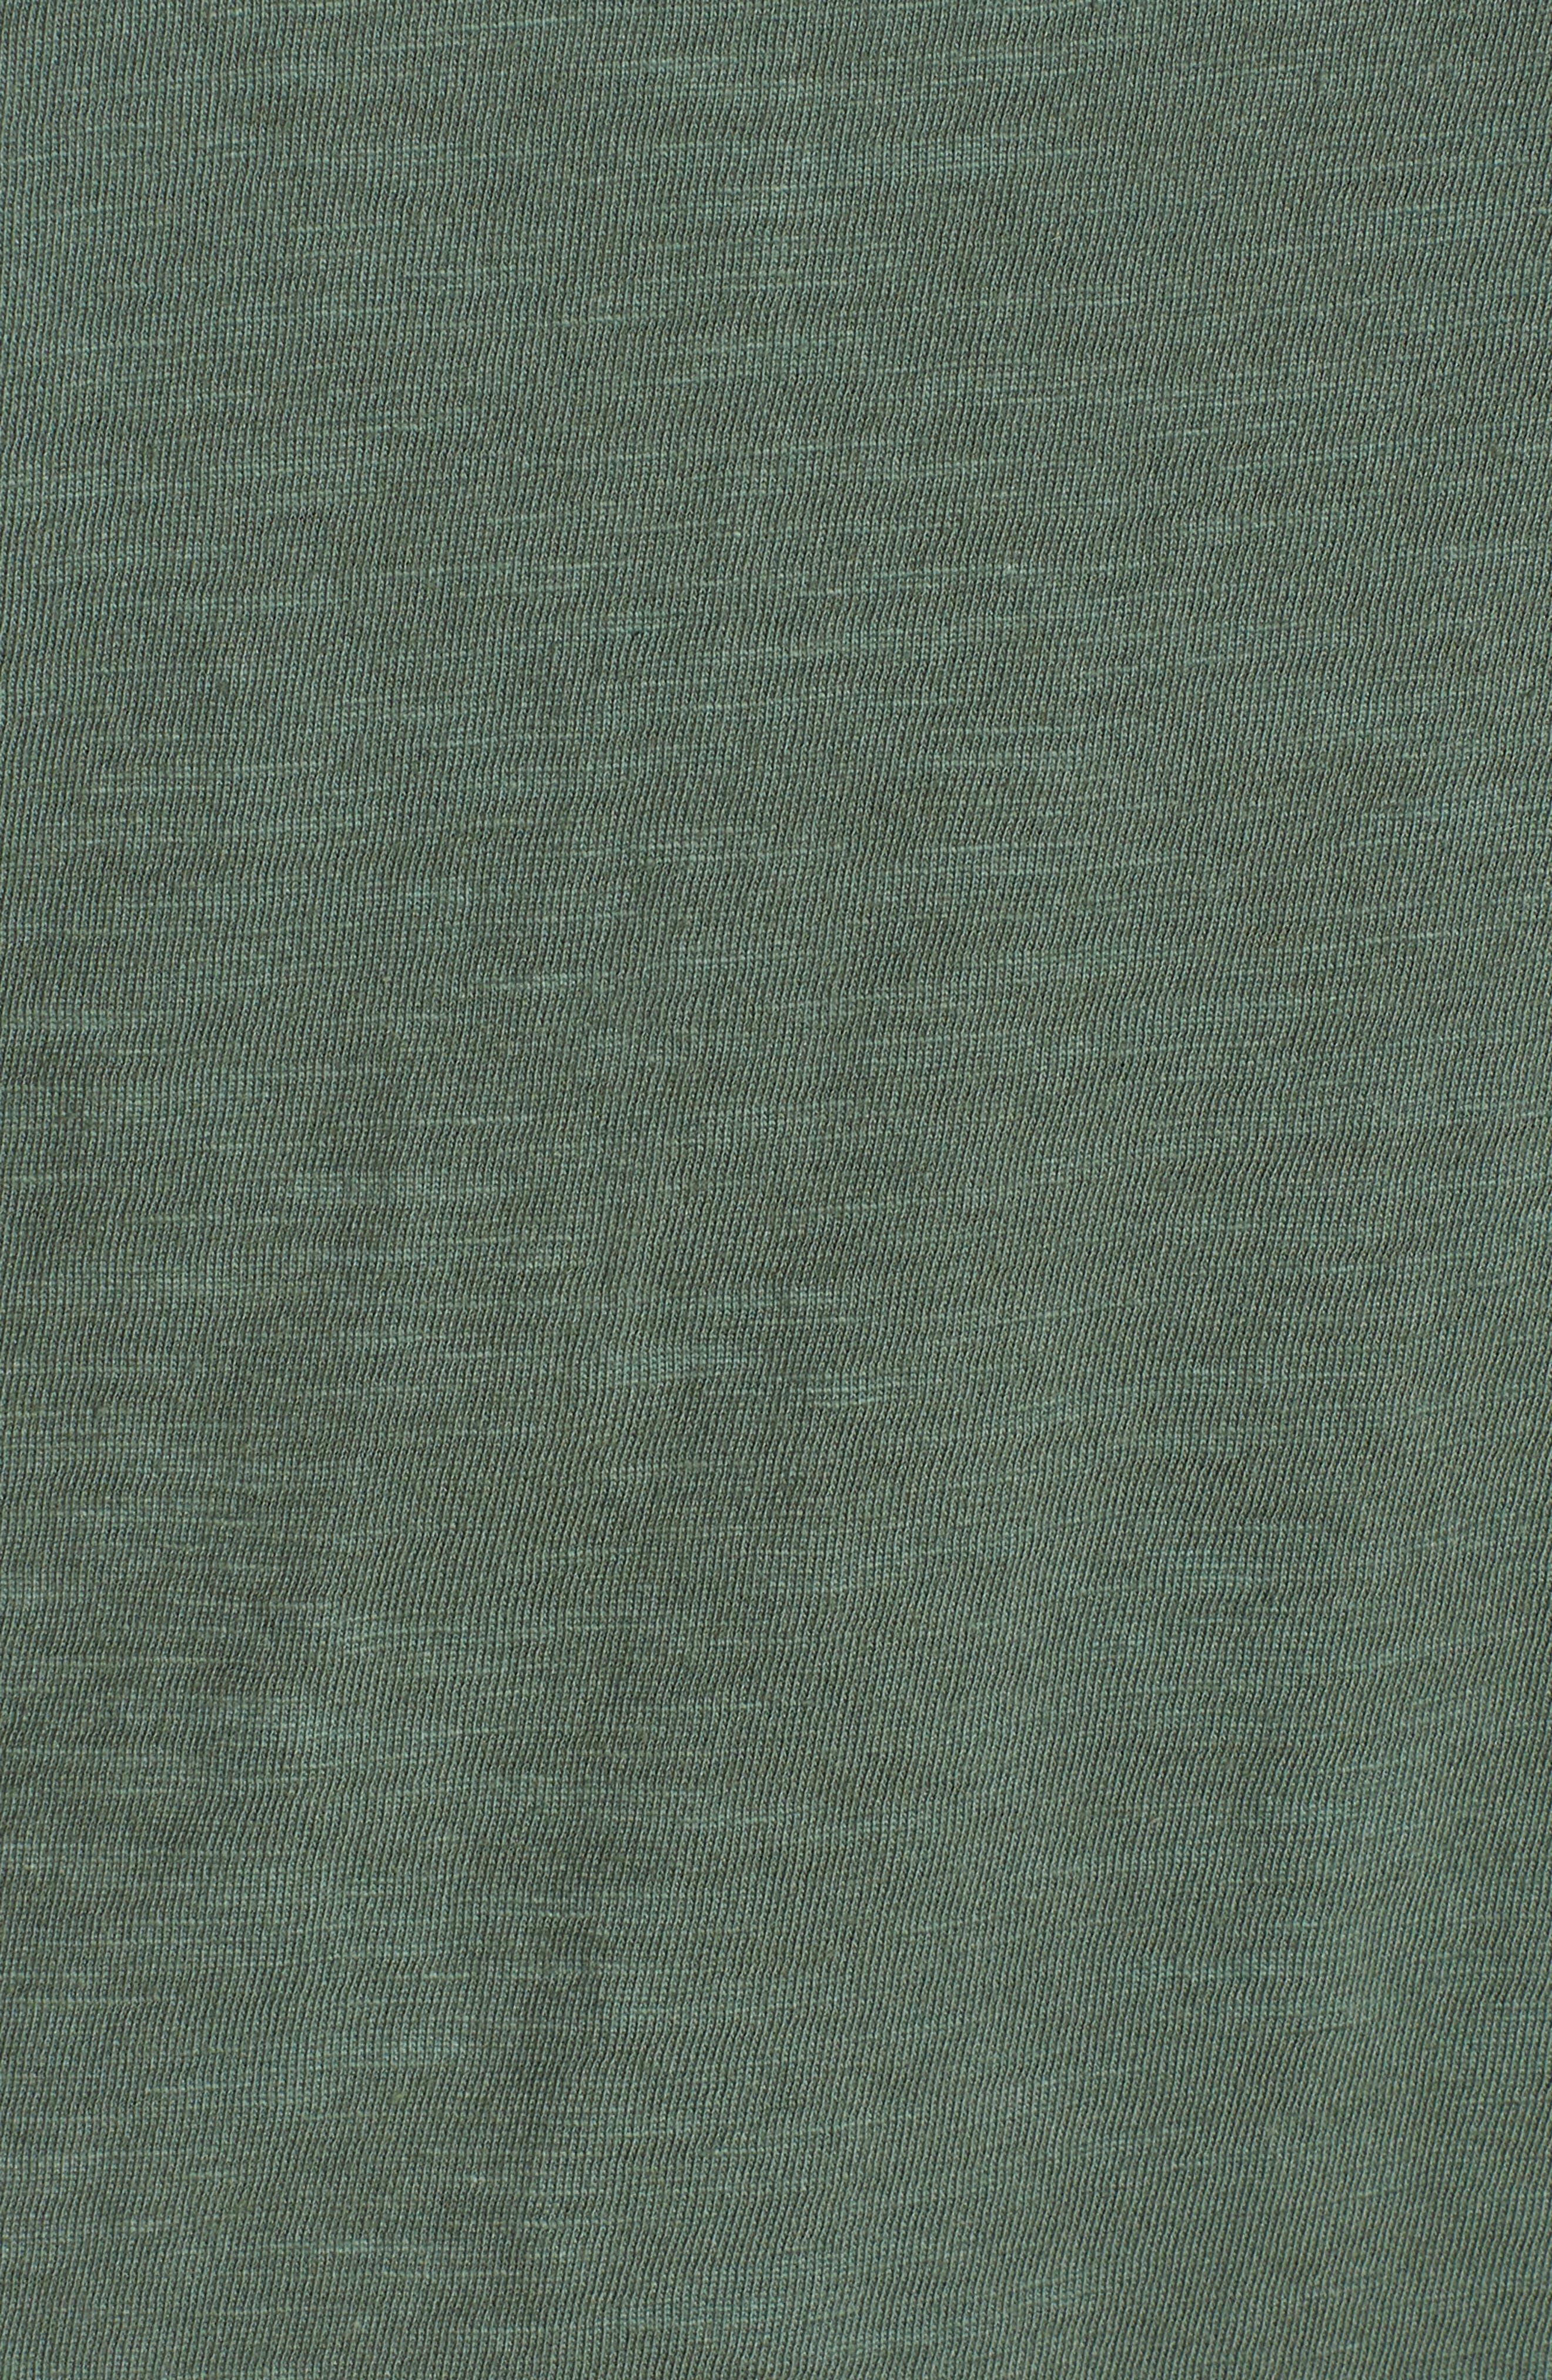 V-Neck Organic Cotton Tee,                             Alternate thumbnail 4, color,                             Nori